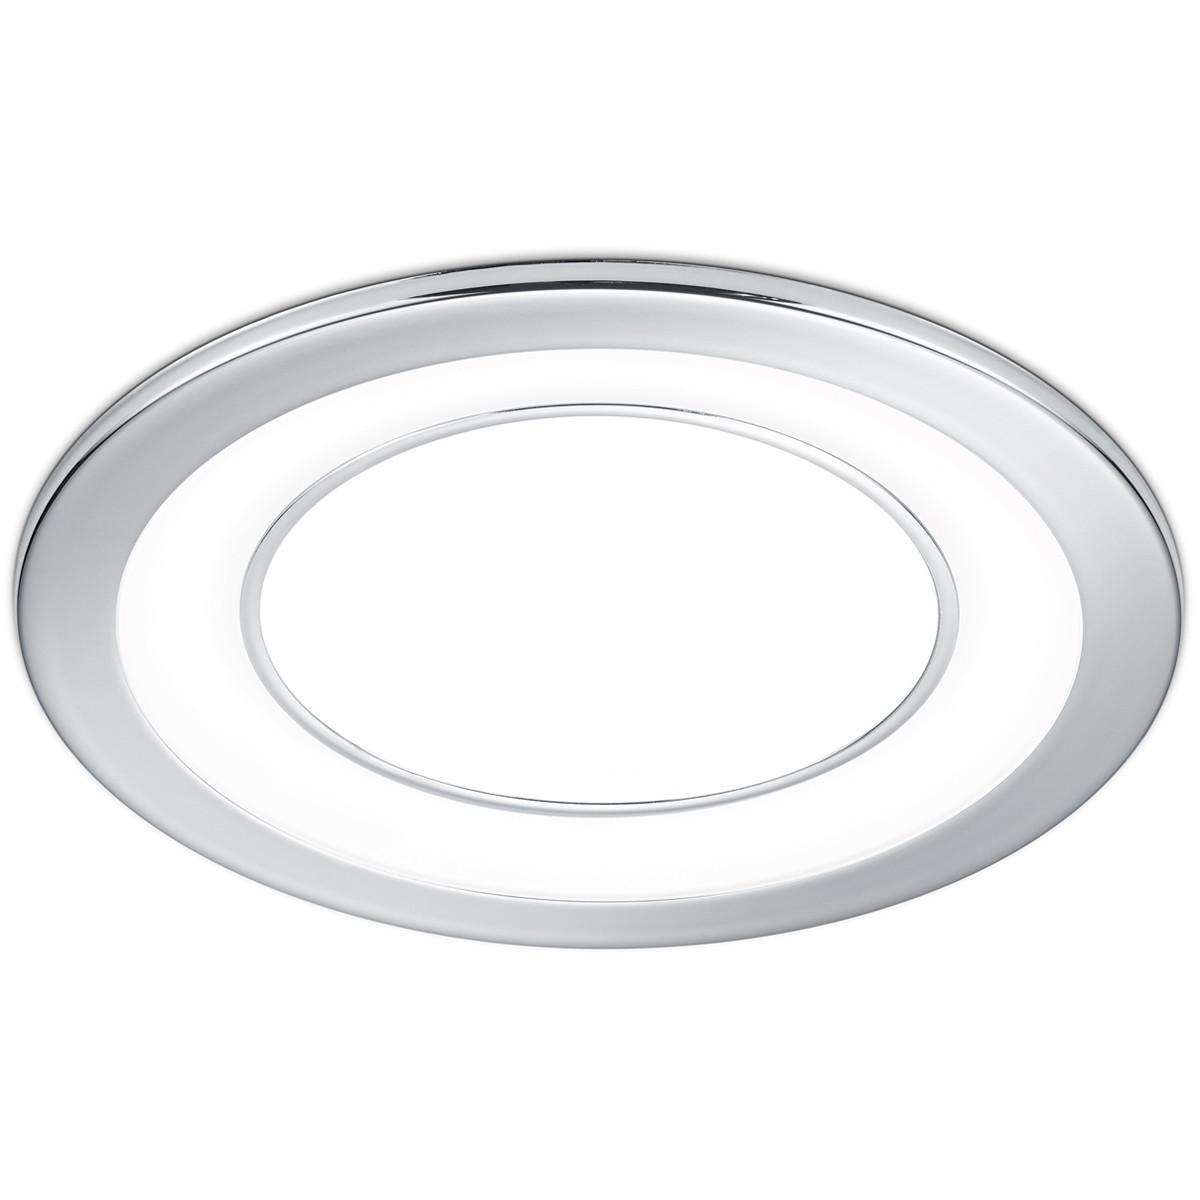 LED Spot - Inbouwspot - Trion Cynomi - 10W - Warm Wit 3000K - Rond - Mat Chroom - Kunststof - Ø140mm